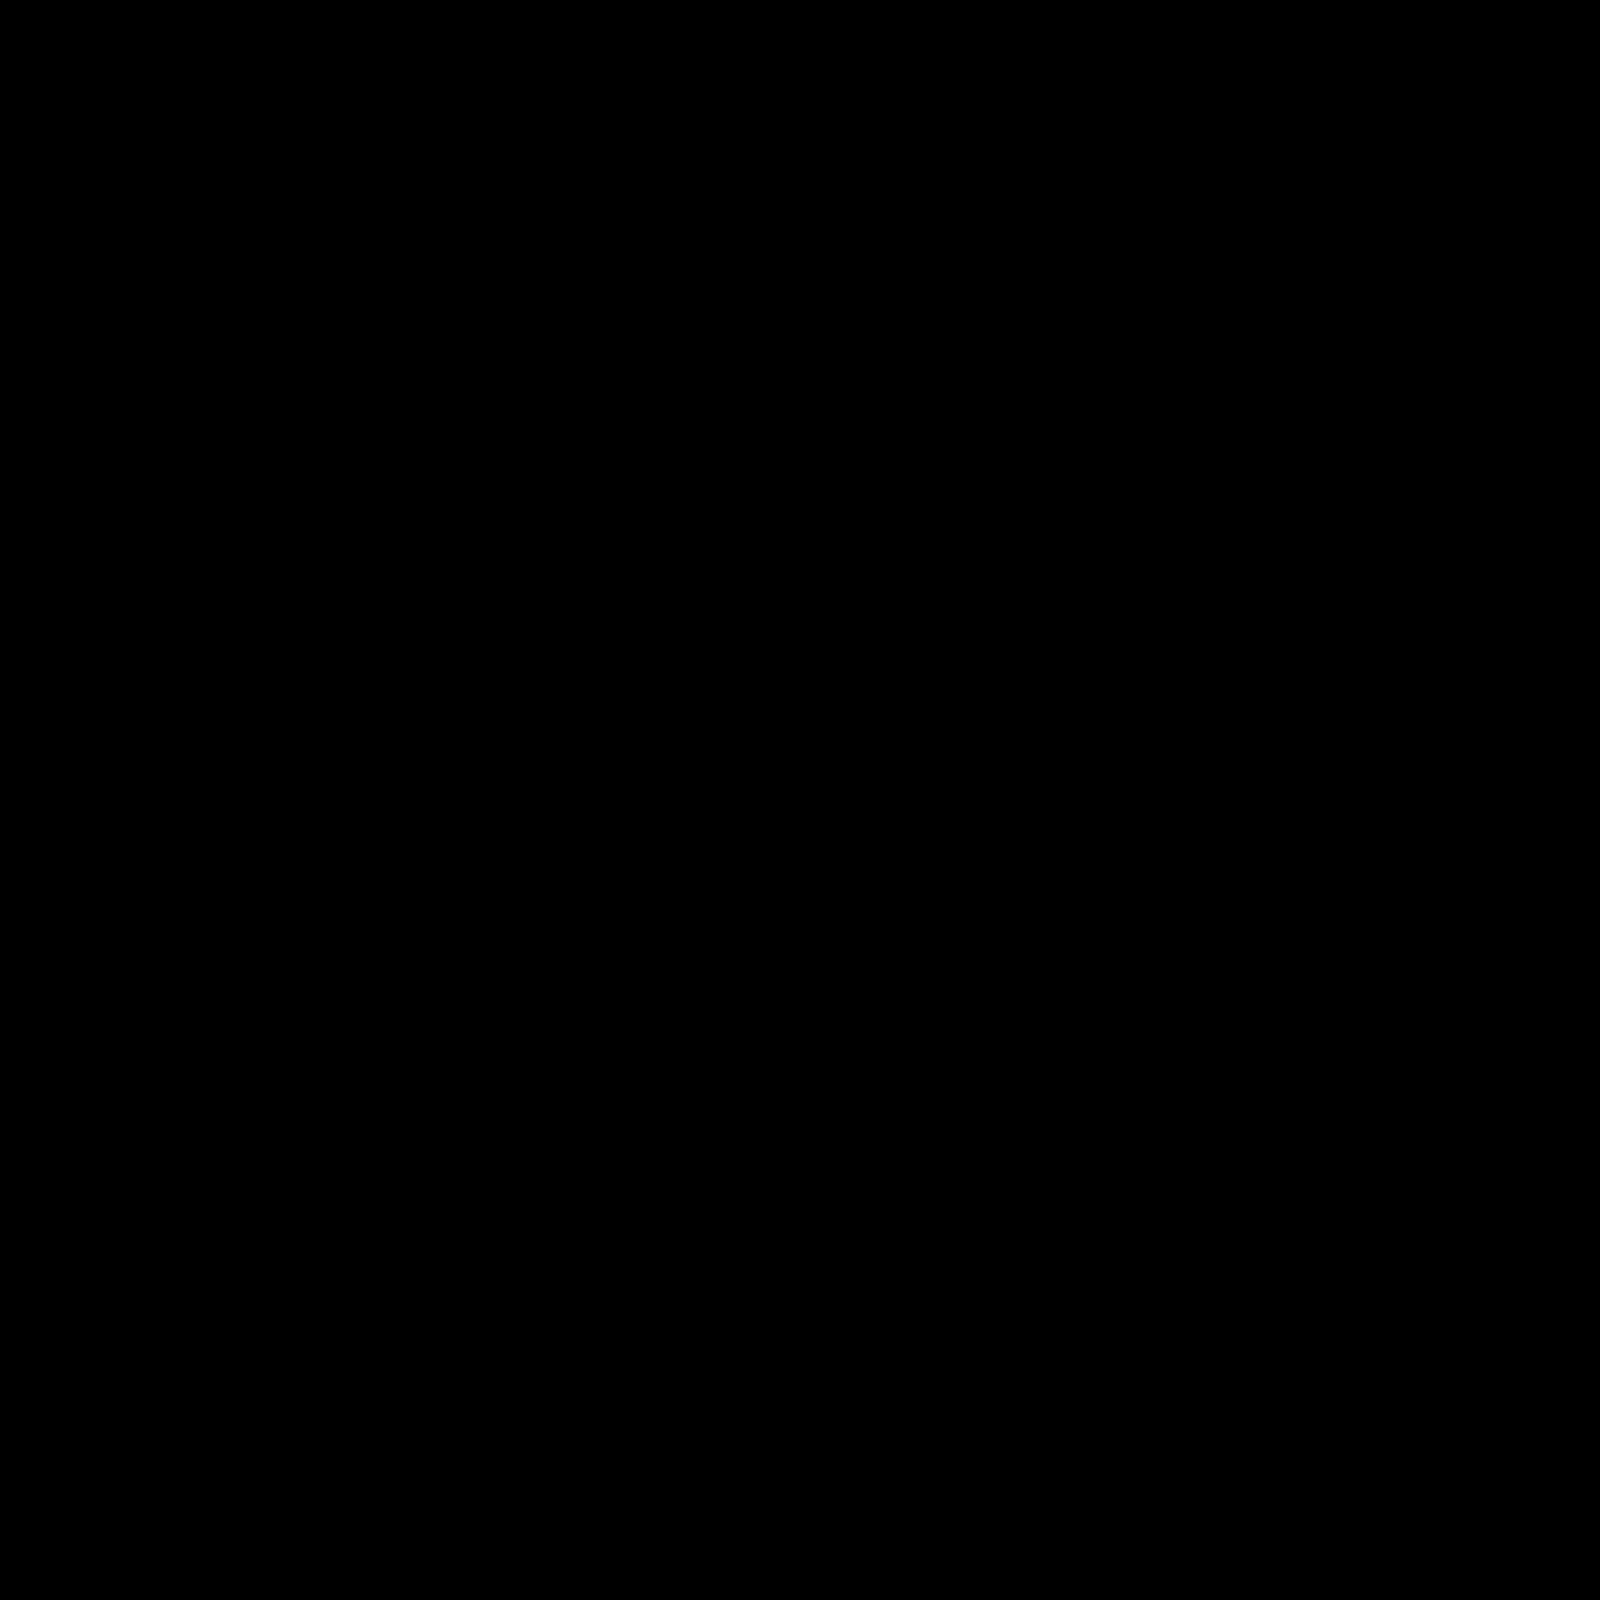 Foreign Language Sound icon